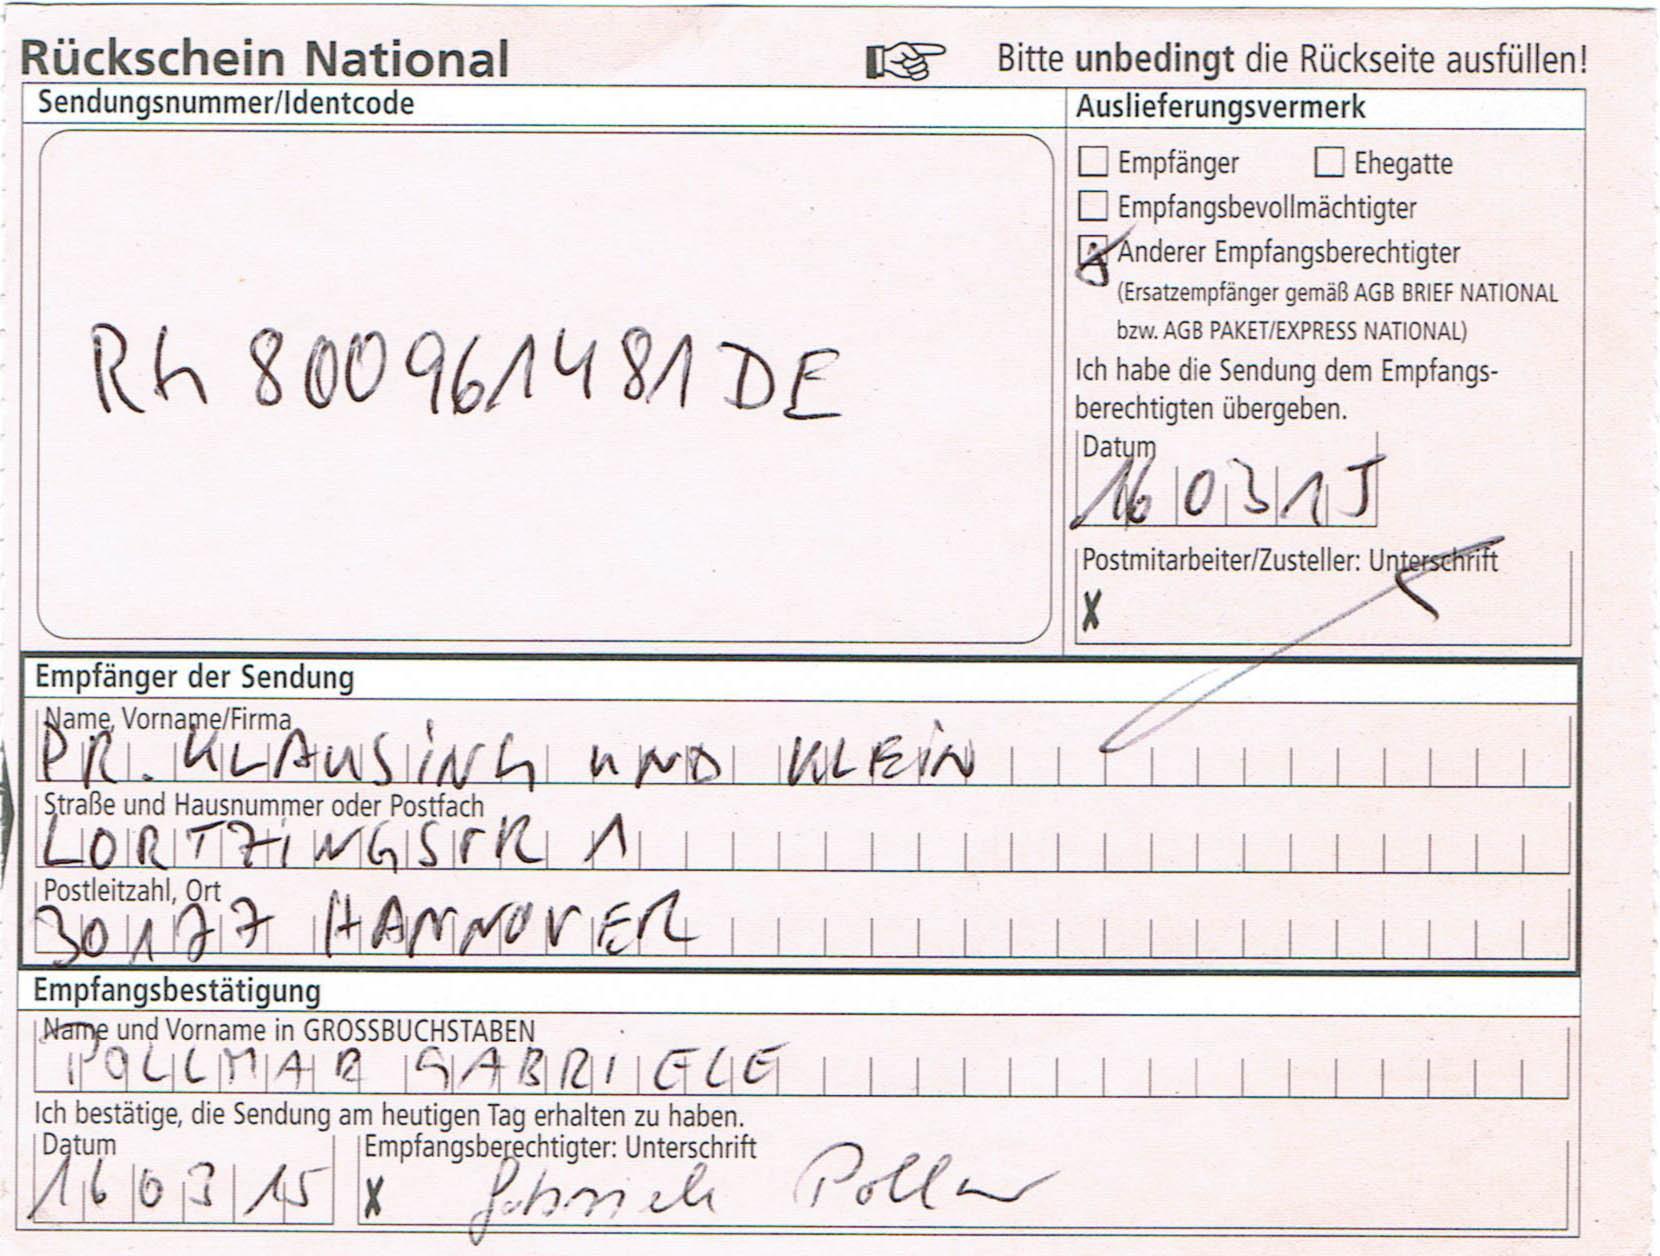 rückschein national ausfüllen